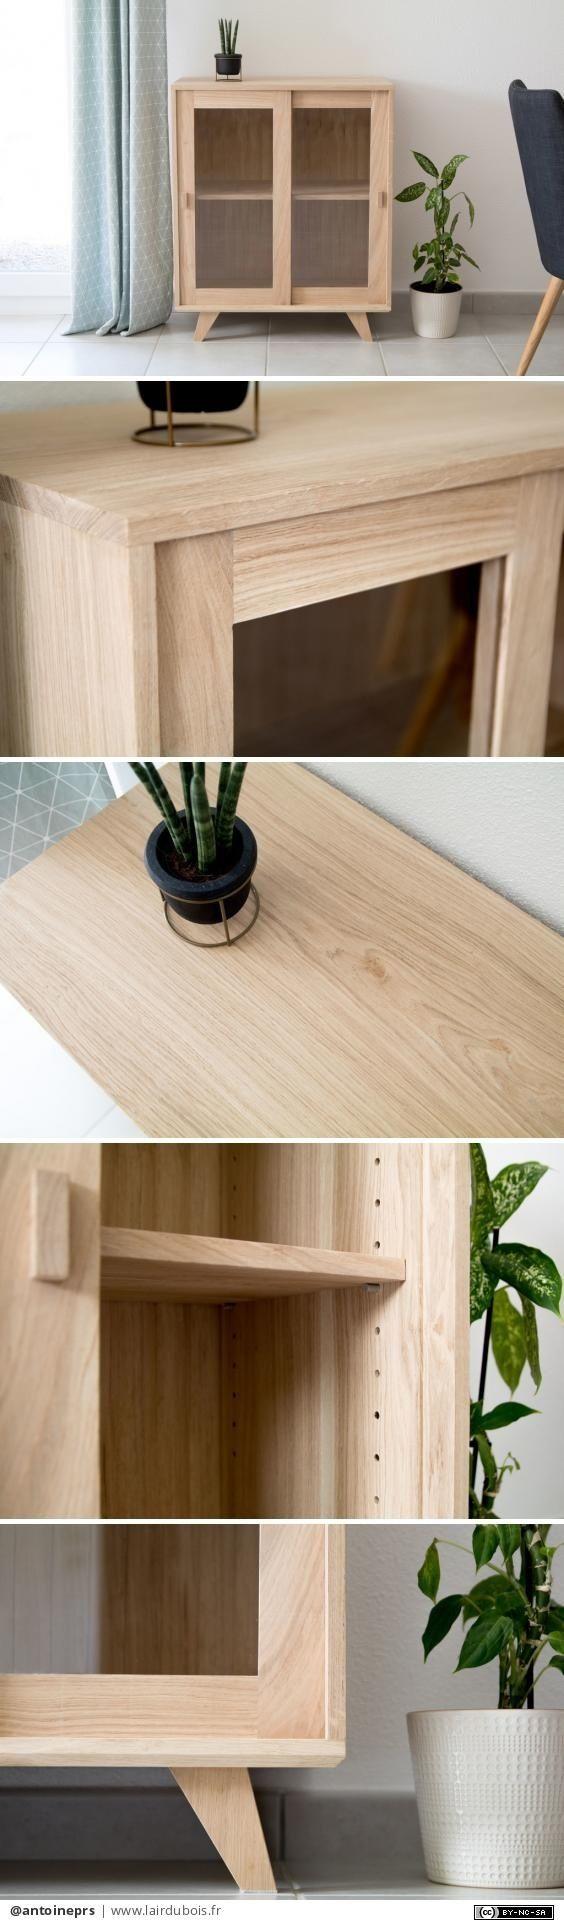 Petit meuble en chêne par antoineprs